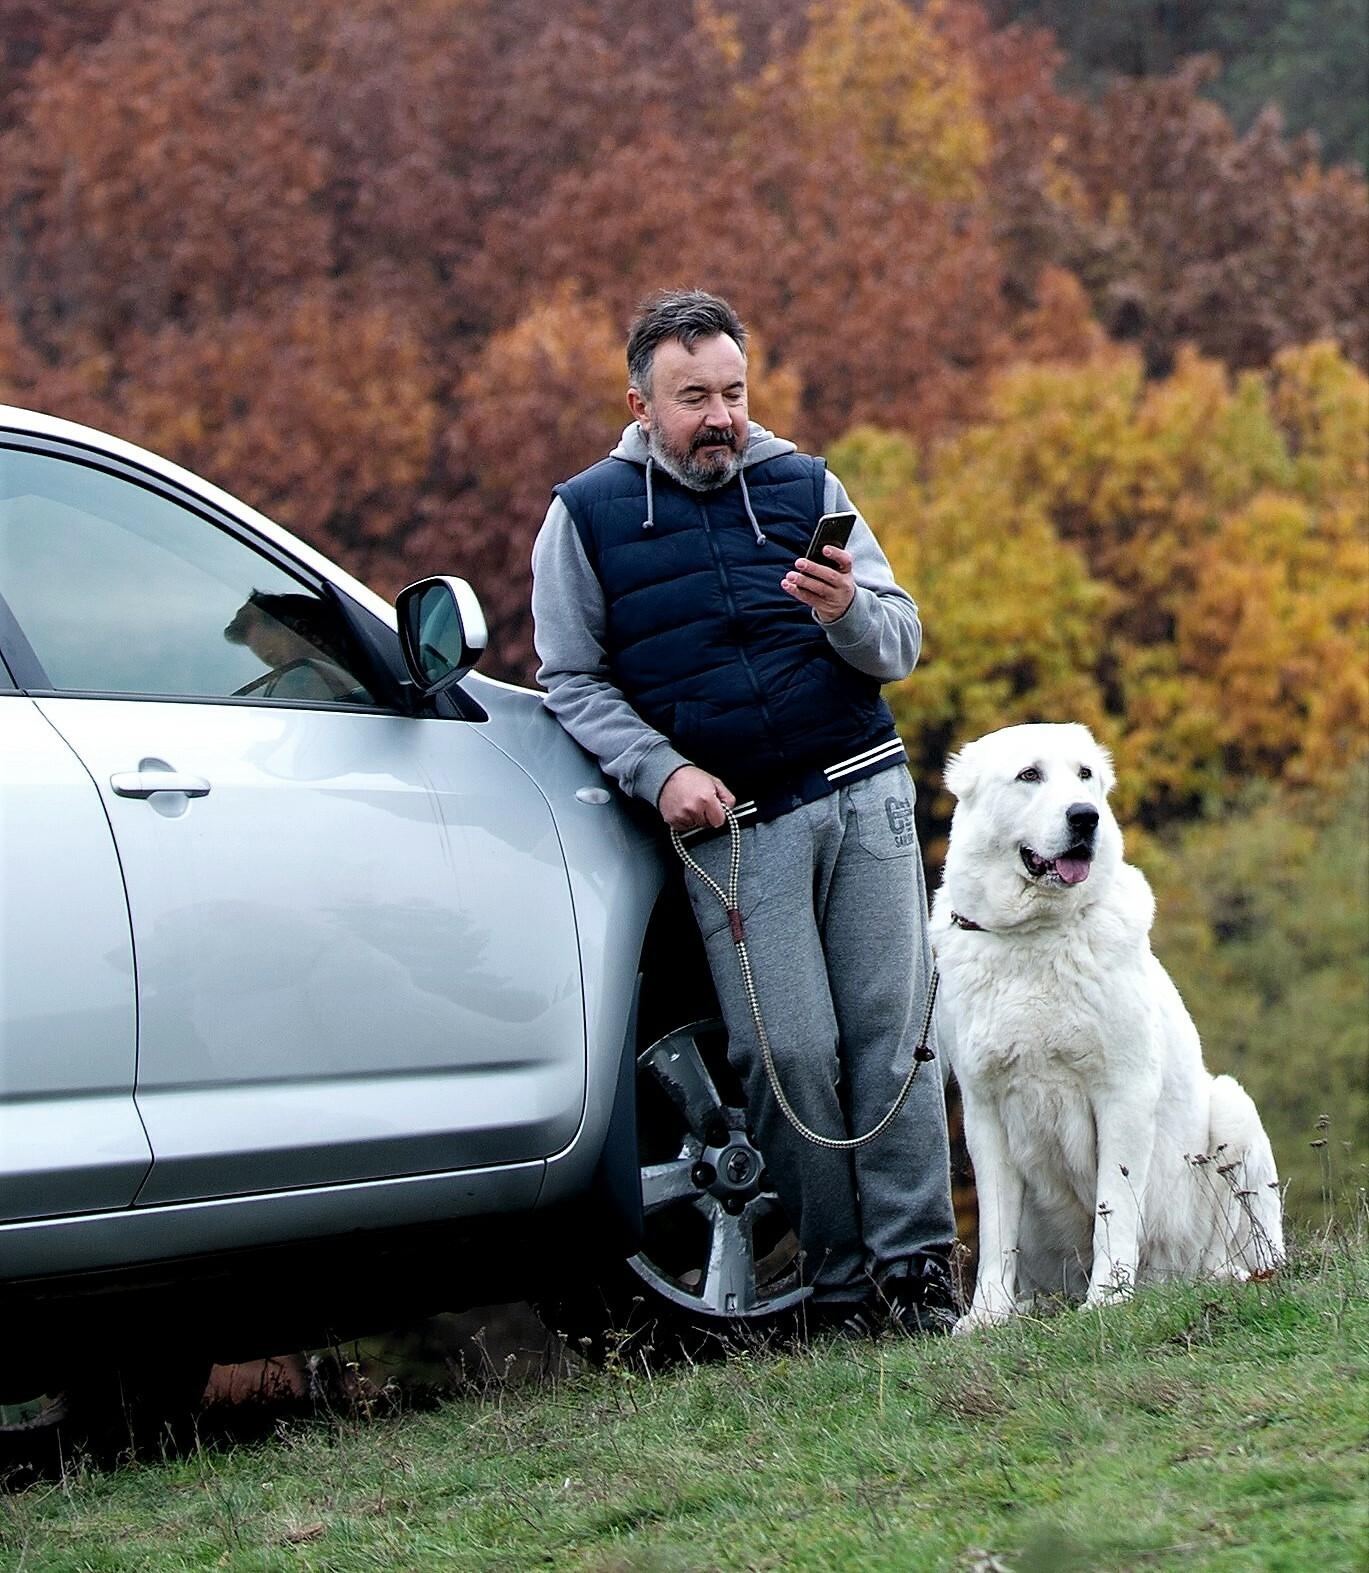 поездка с собакой на авто. как приучить щенка к машине